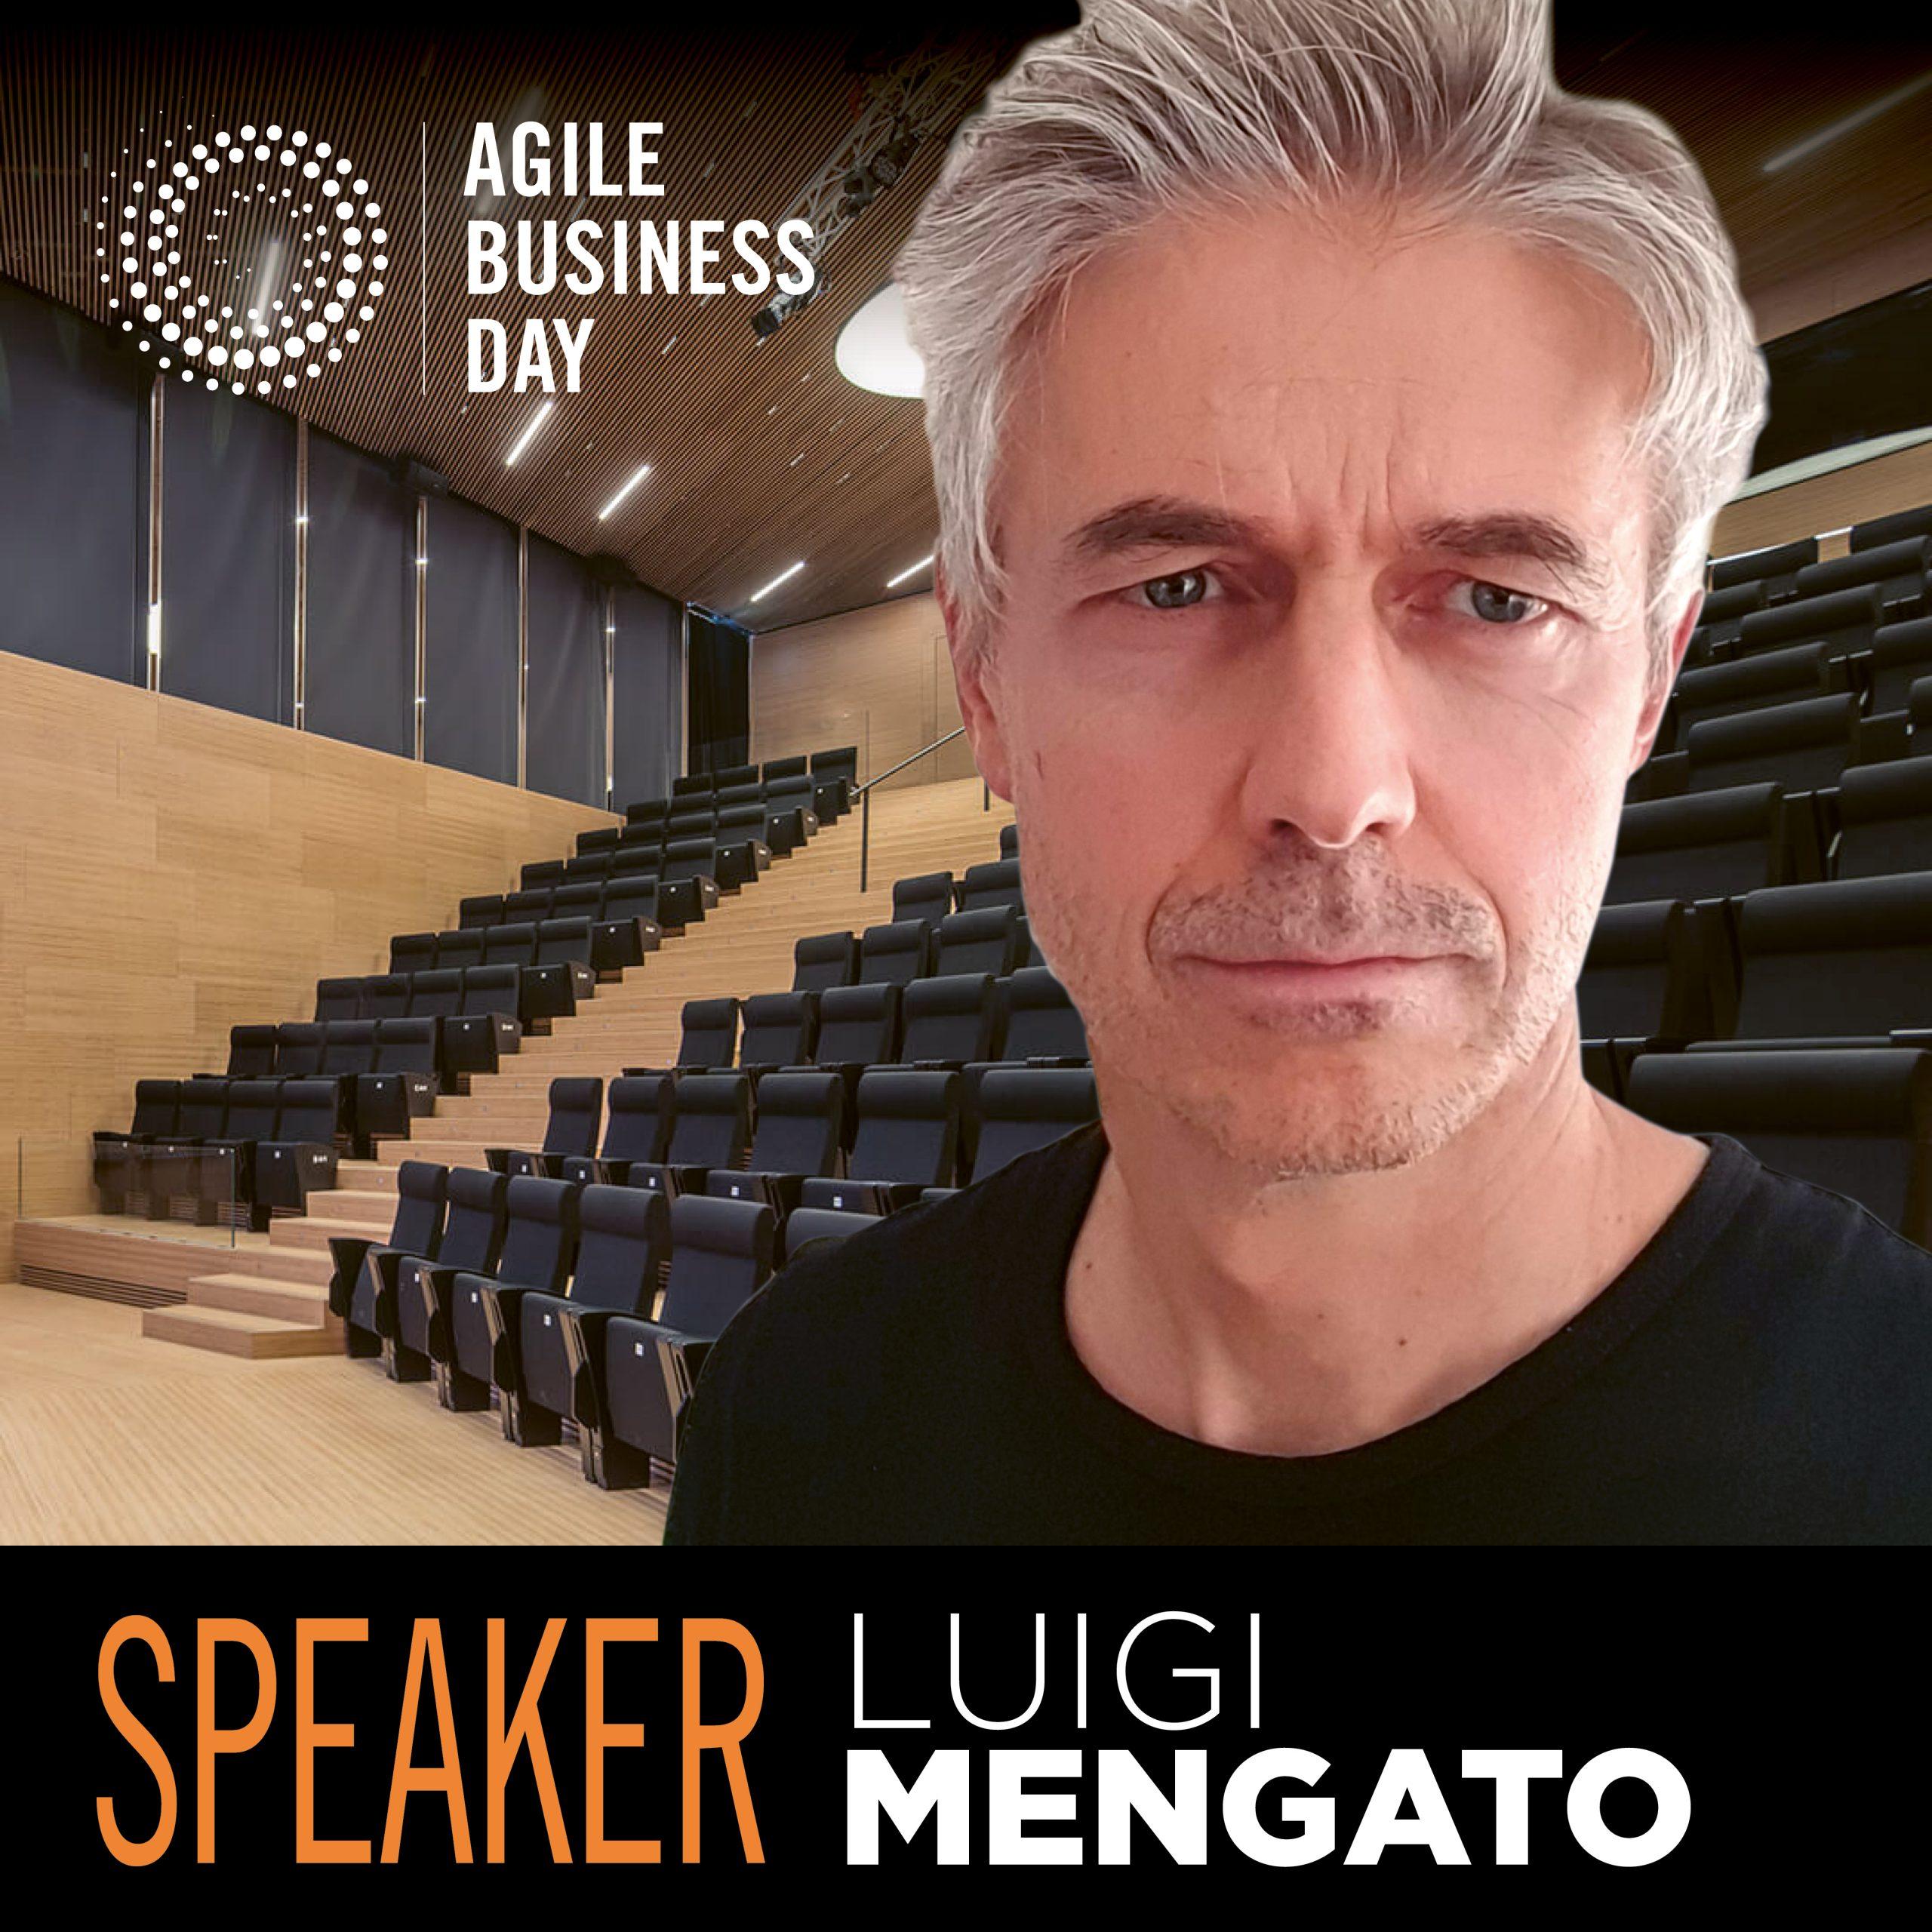 #ABD21 - Luigi Mengato